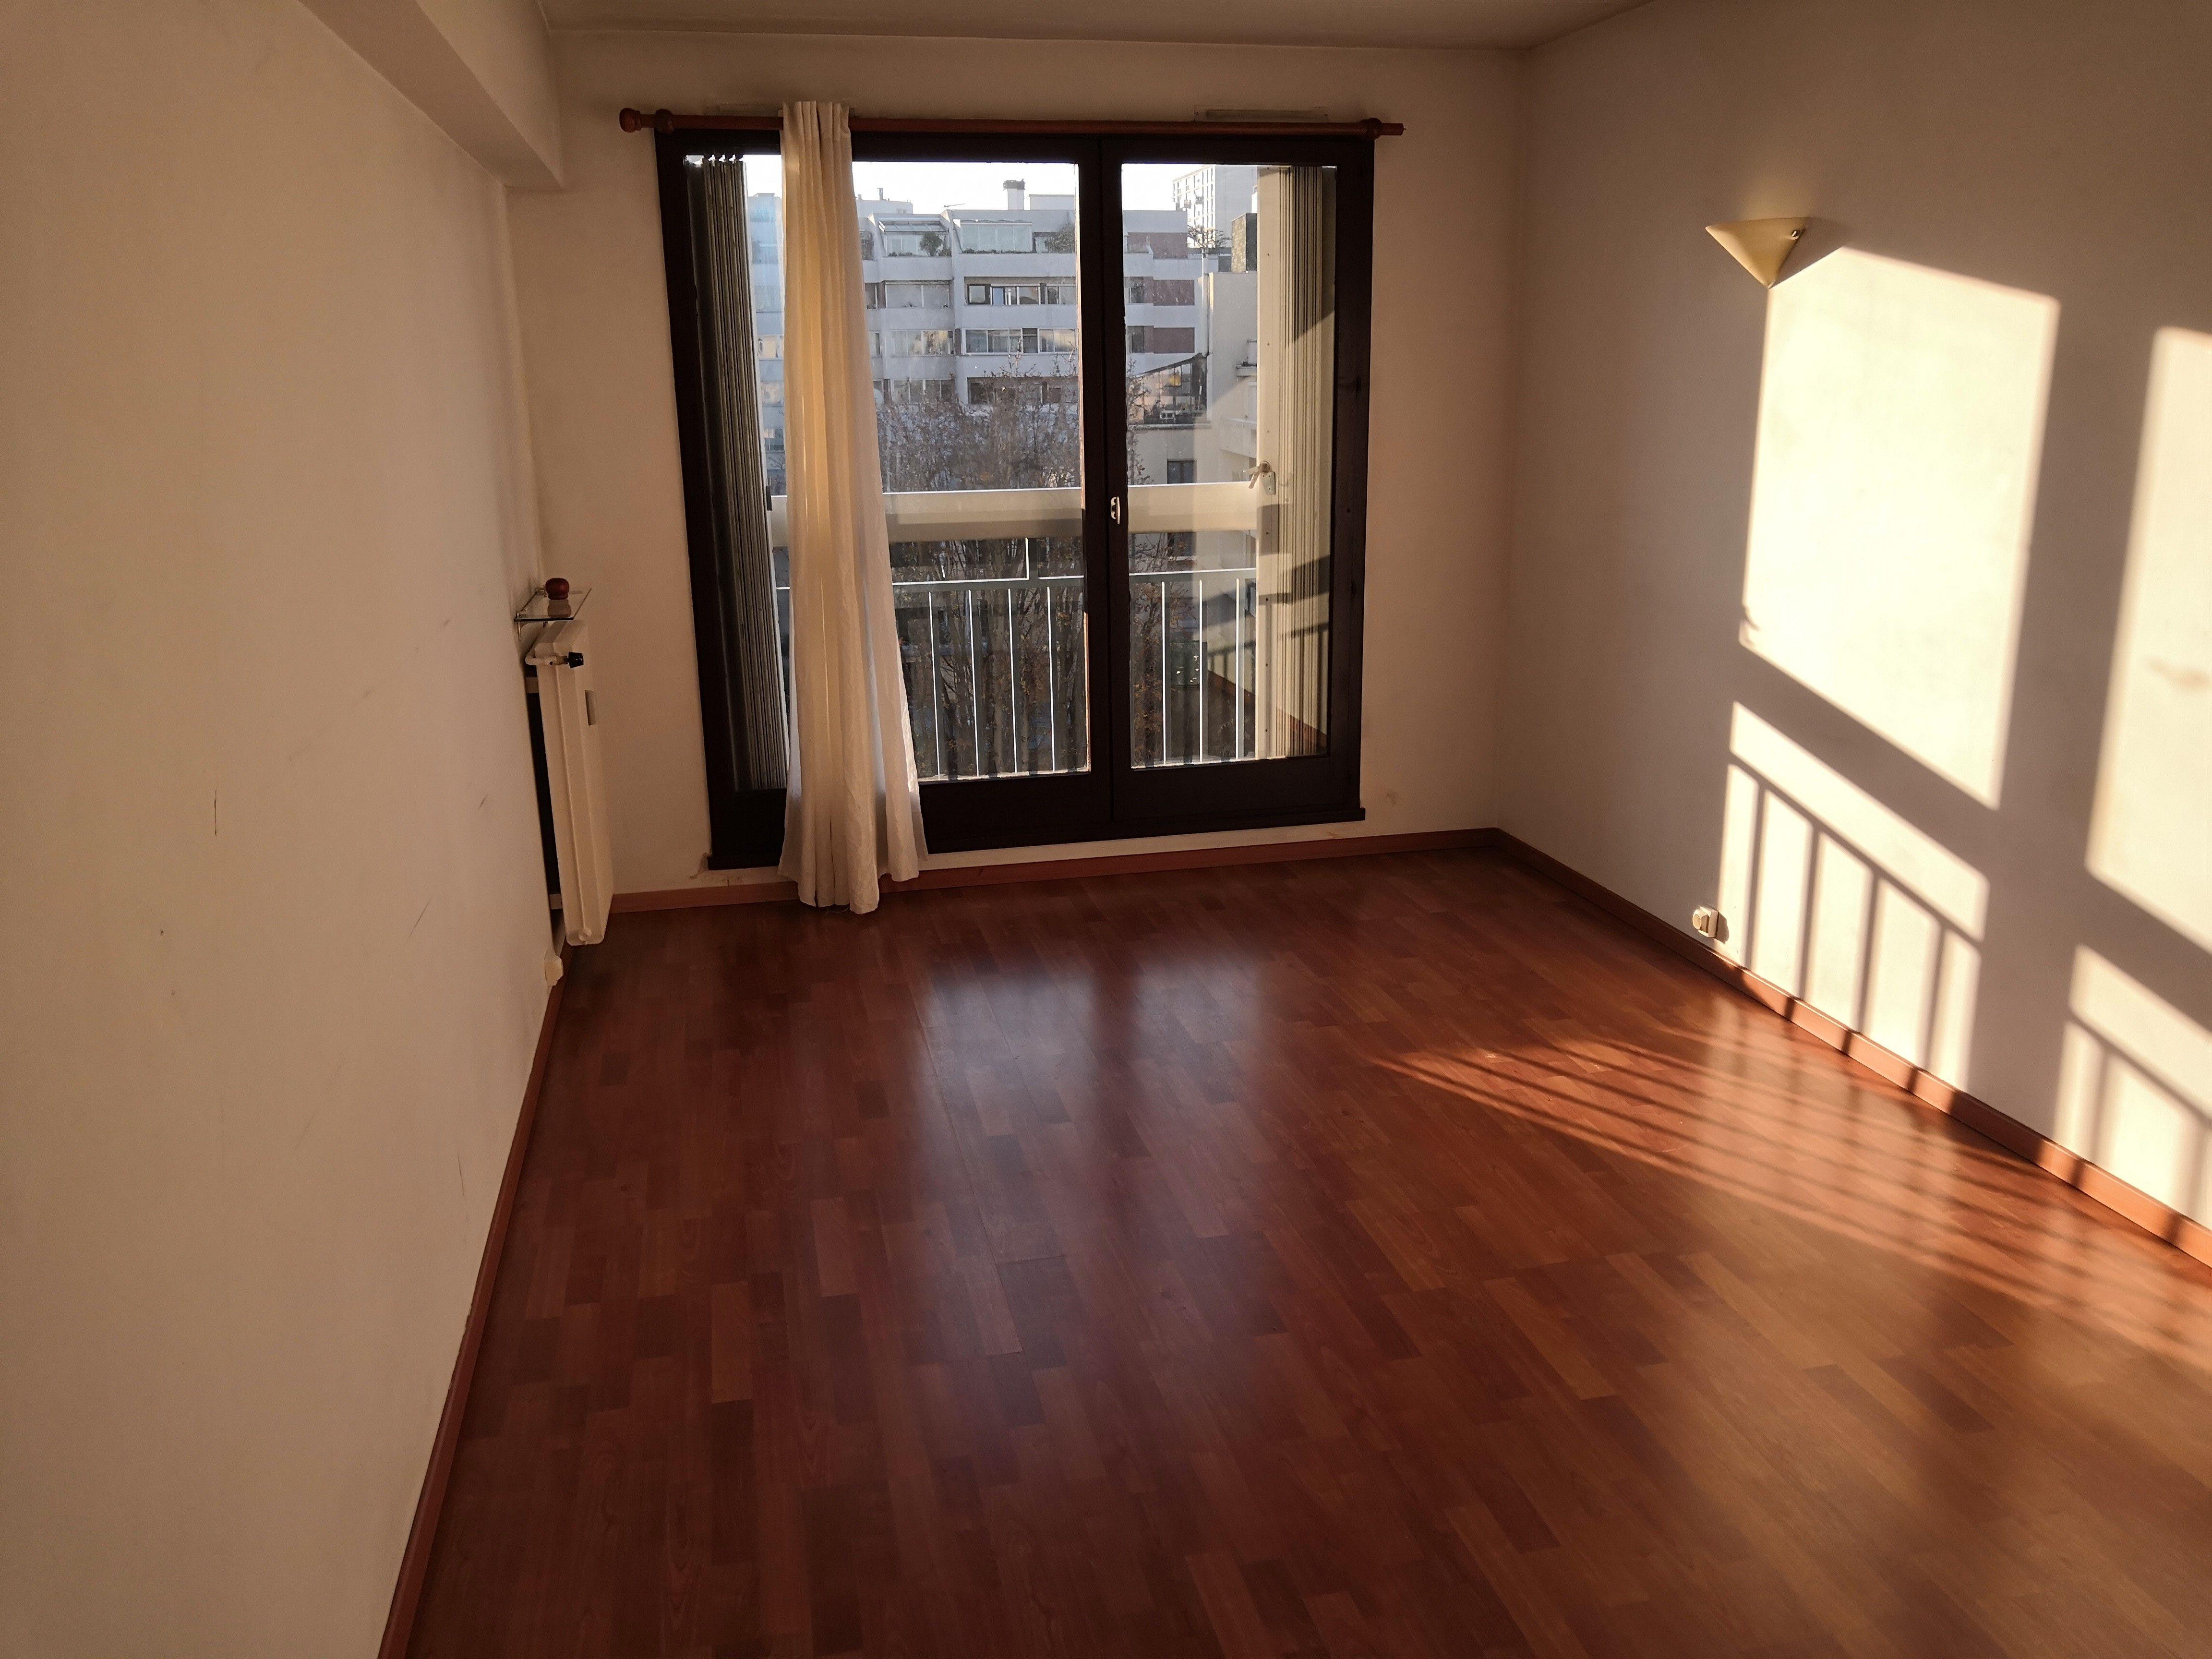 Chambre-à-louer-Paris 19ème arrondissement-David75019